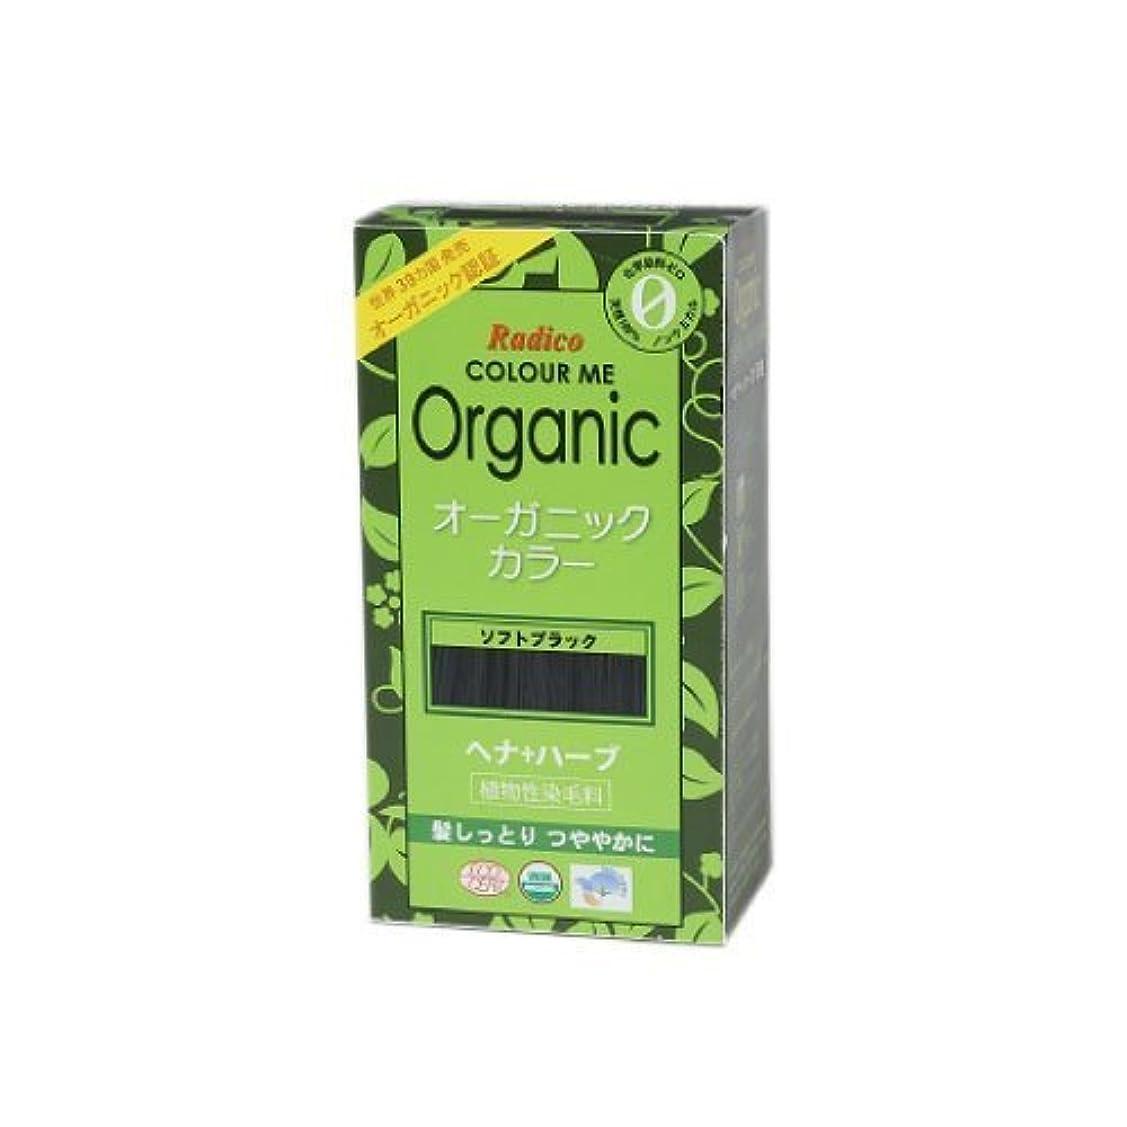 チャネルピュー哺乳類COLOURME Organic (カラーミーオーガニック ヘナ 白髪用 髪色戻し) ソフトブラック 100g